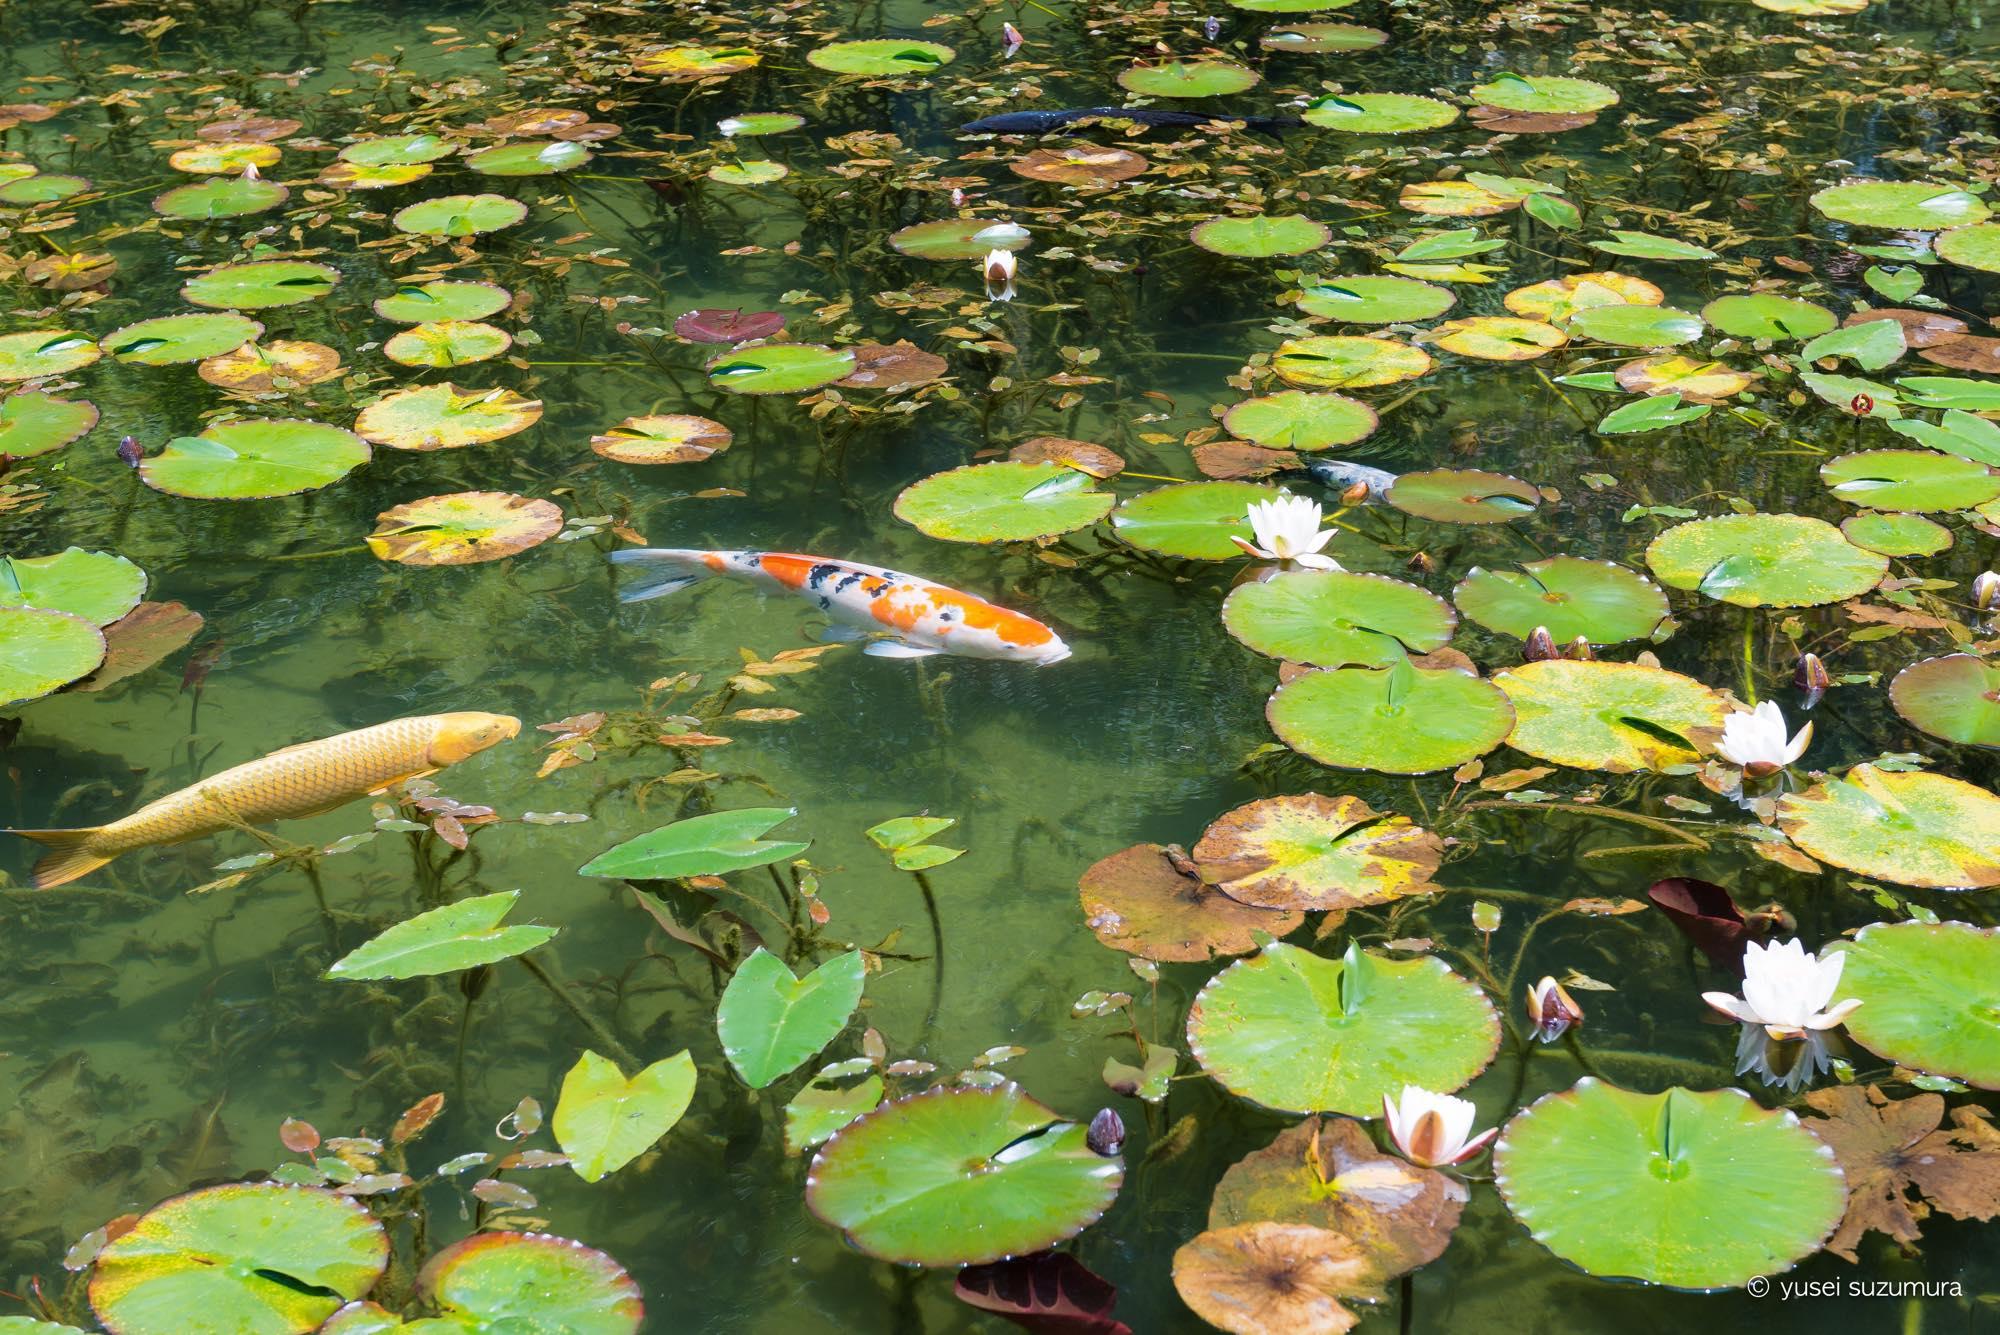 睡蓮が咲く季節に岐阜県関市のモネの池に行ってきました。